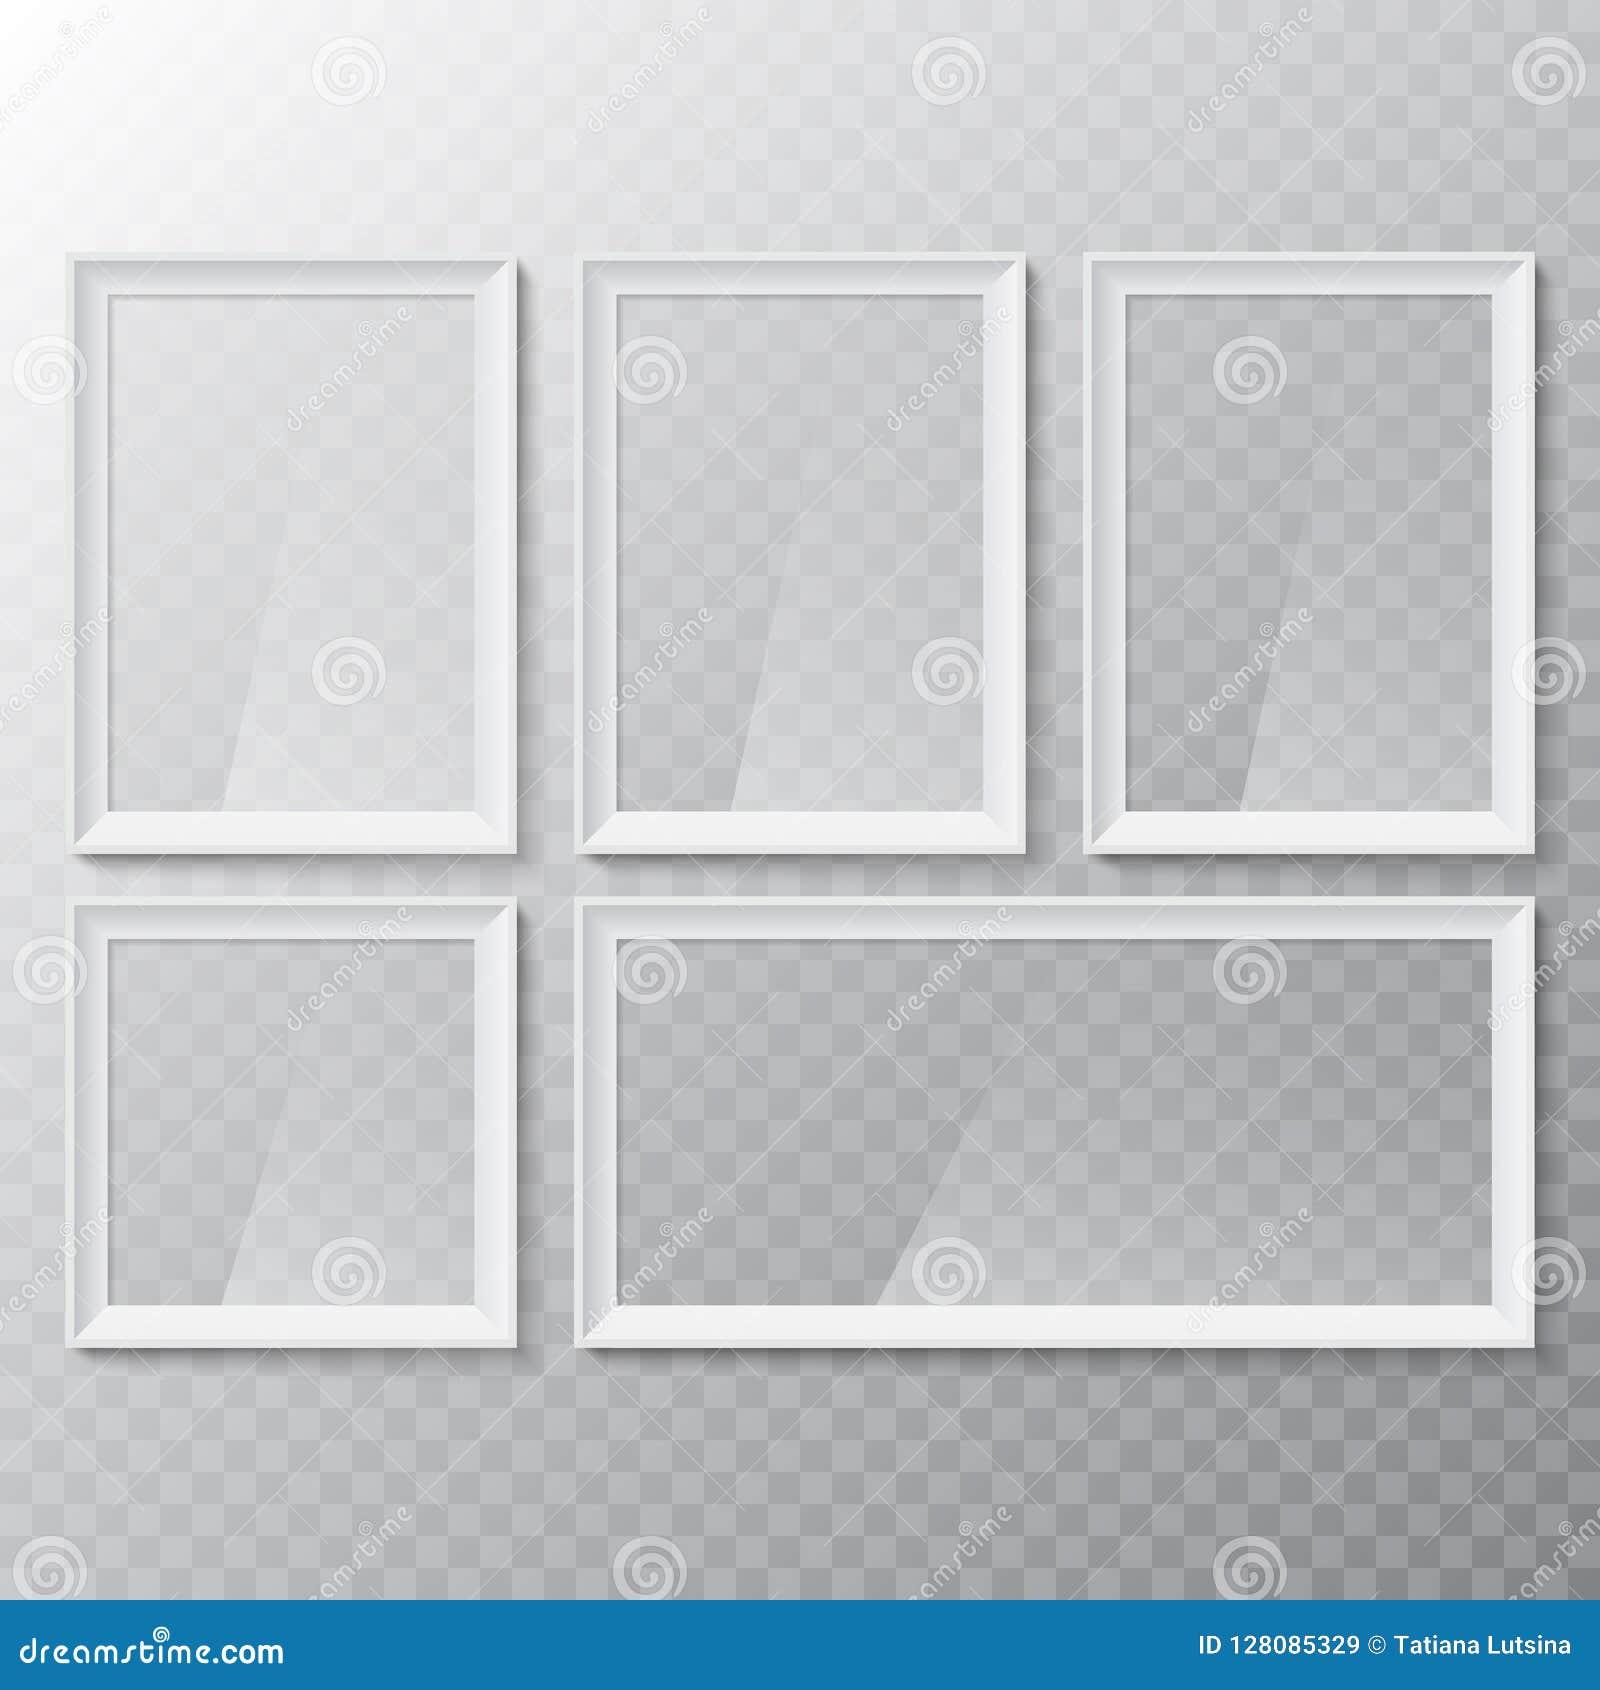 Realistyczna pusta obrazka lub fotografii rama Wektorowy szklany biały photoframe dla wewnętrznego grafika projekta